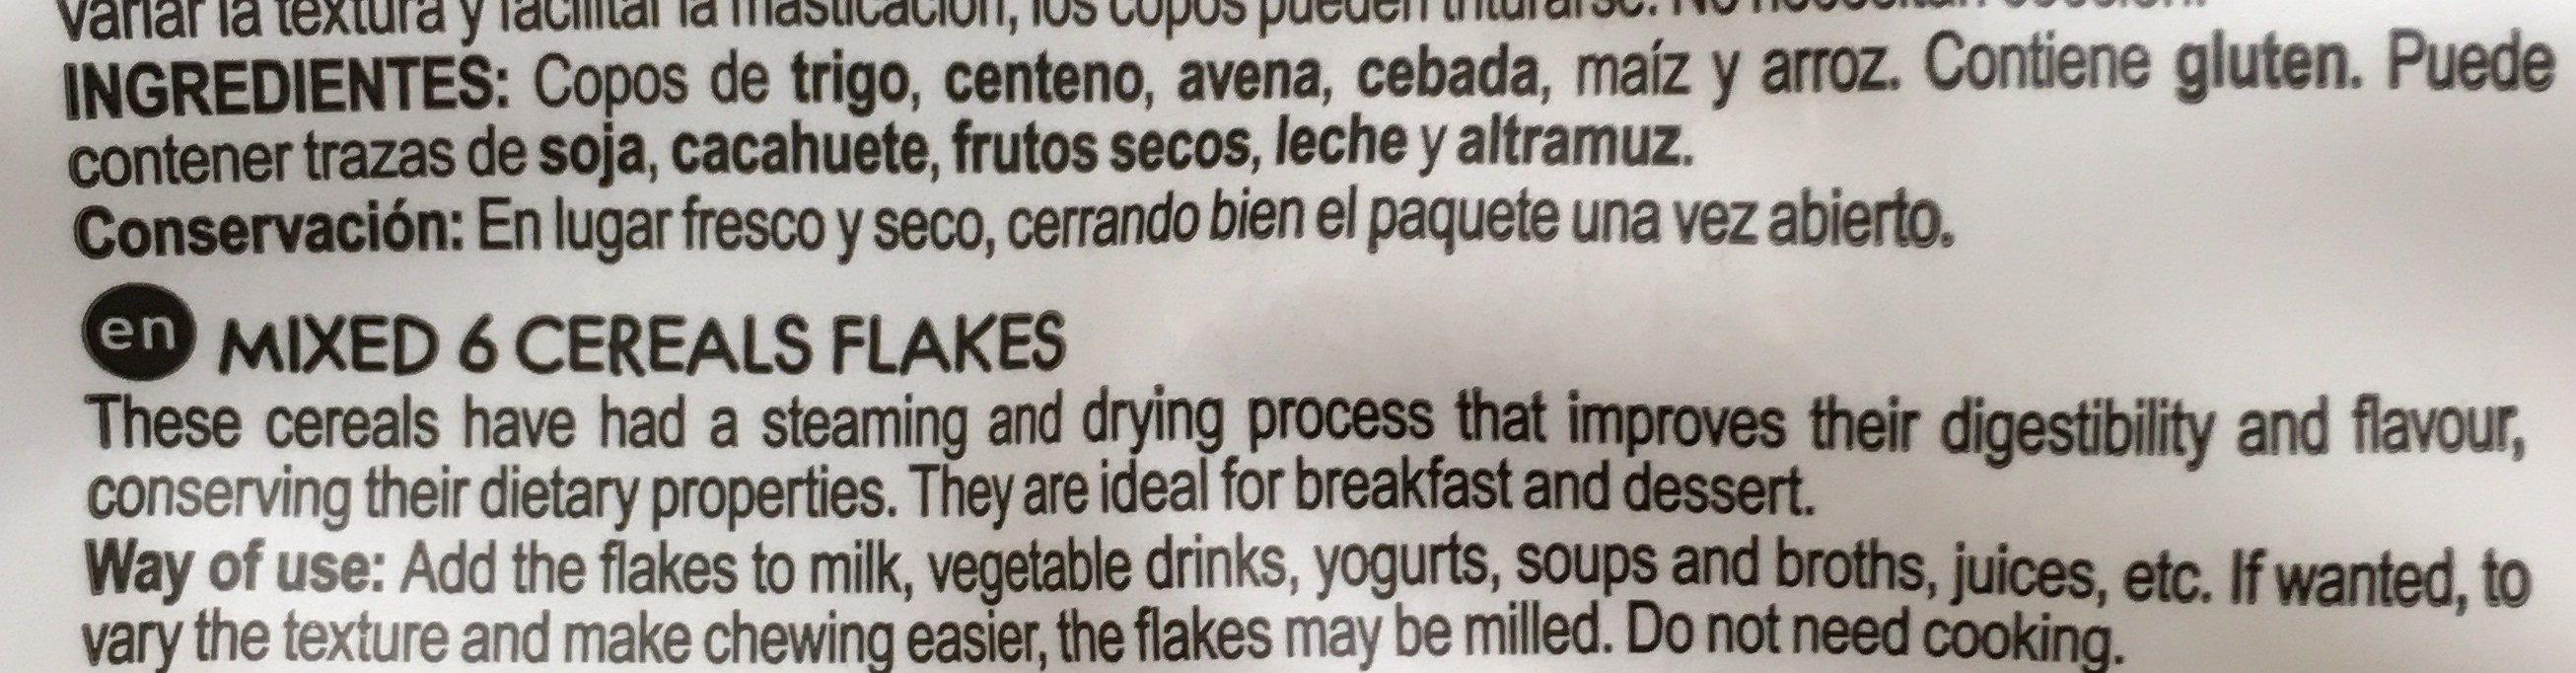 Diet Radisson Copos De 6 Cereales - Ingredientes - es